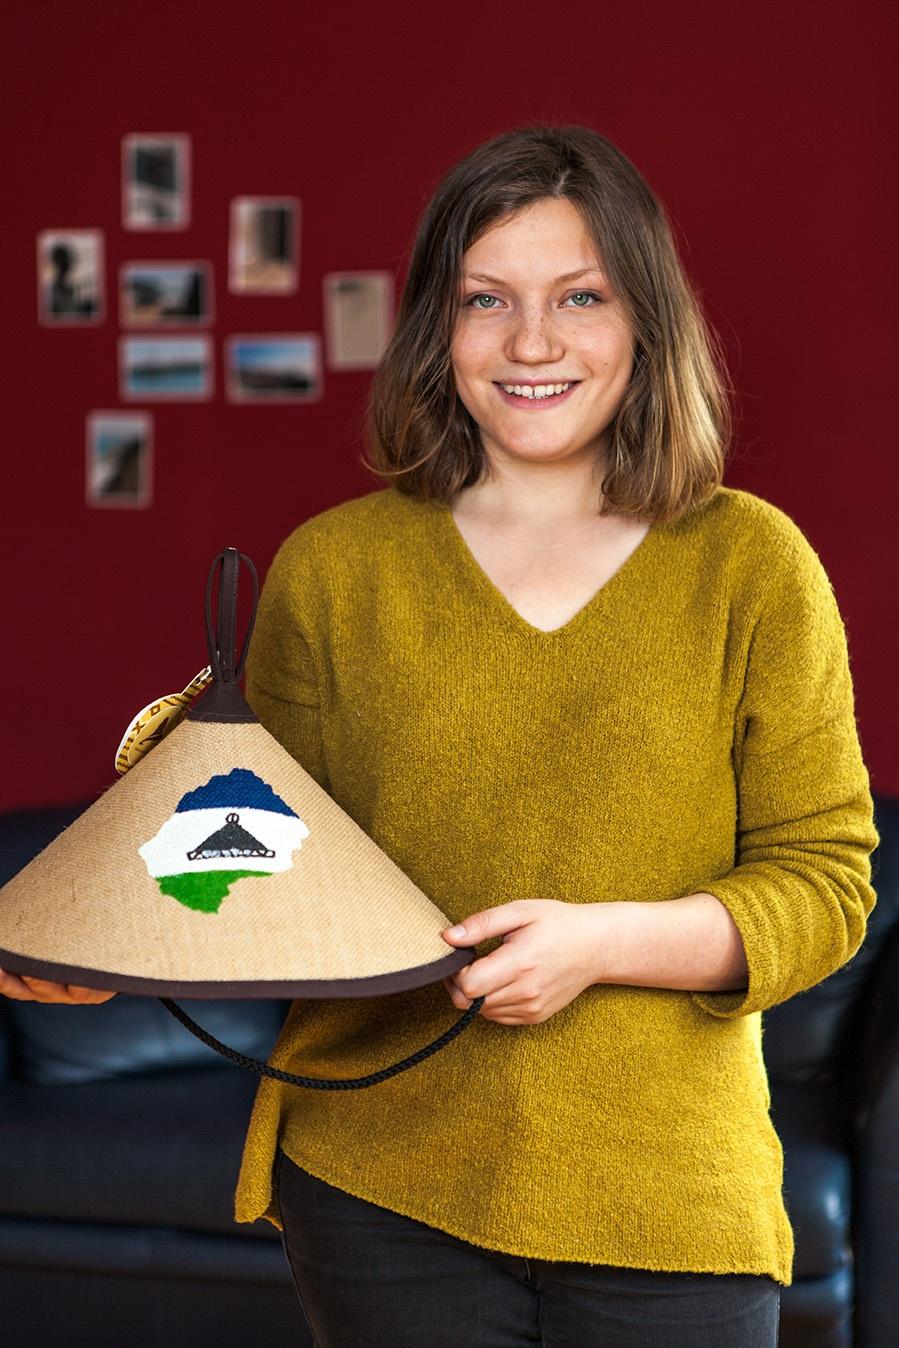 kulturweit-Alumna Eva Richter hält einen Hut in der Hand, den sie aus Lesothos Hauptstadt Maseru mitgebracht hat.